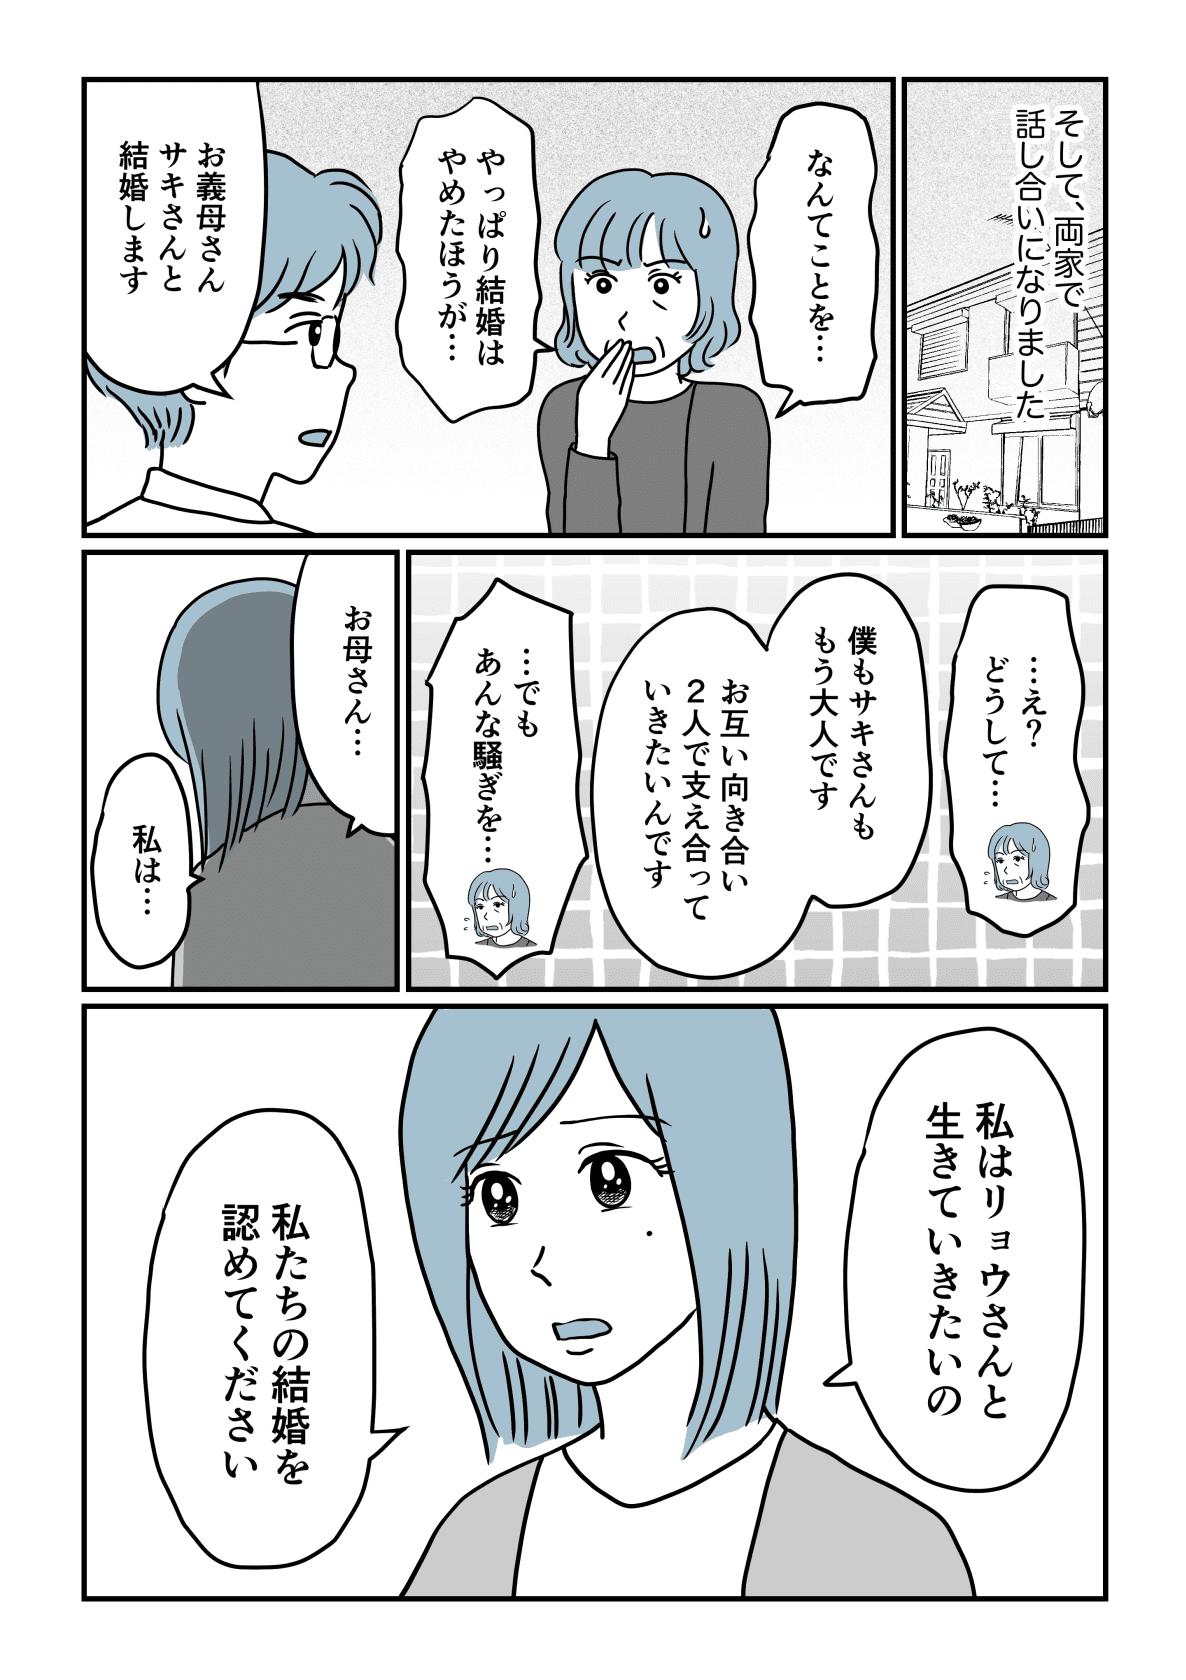 サキさんside4ー3